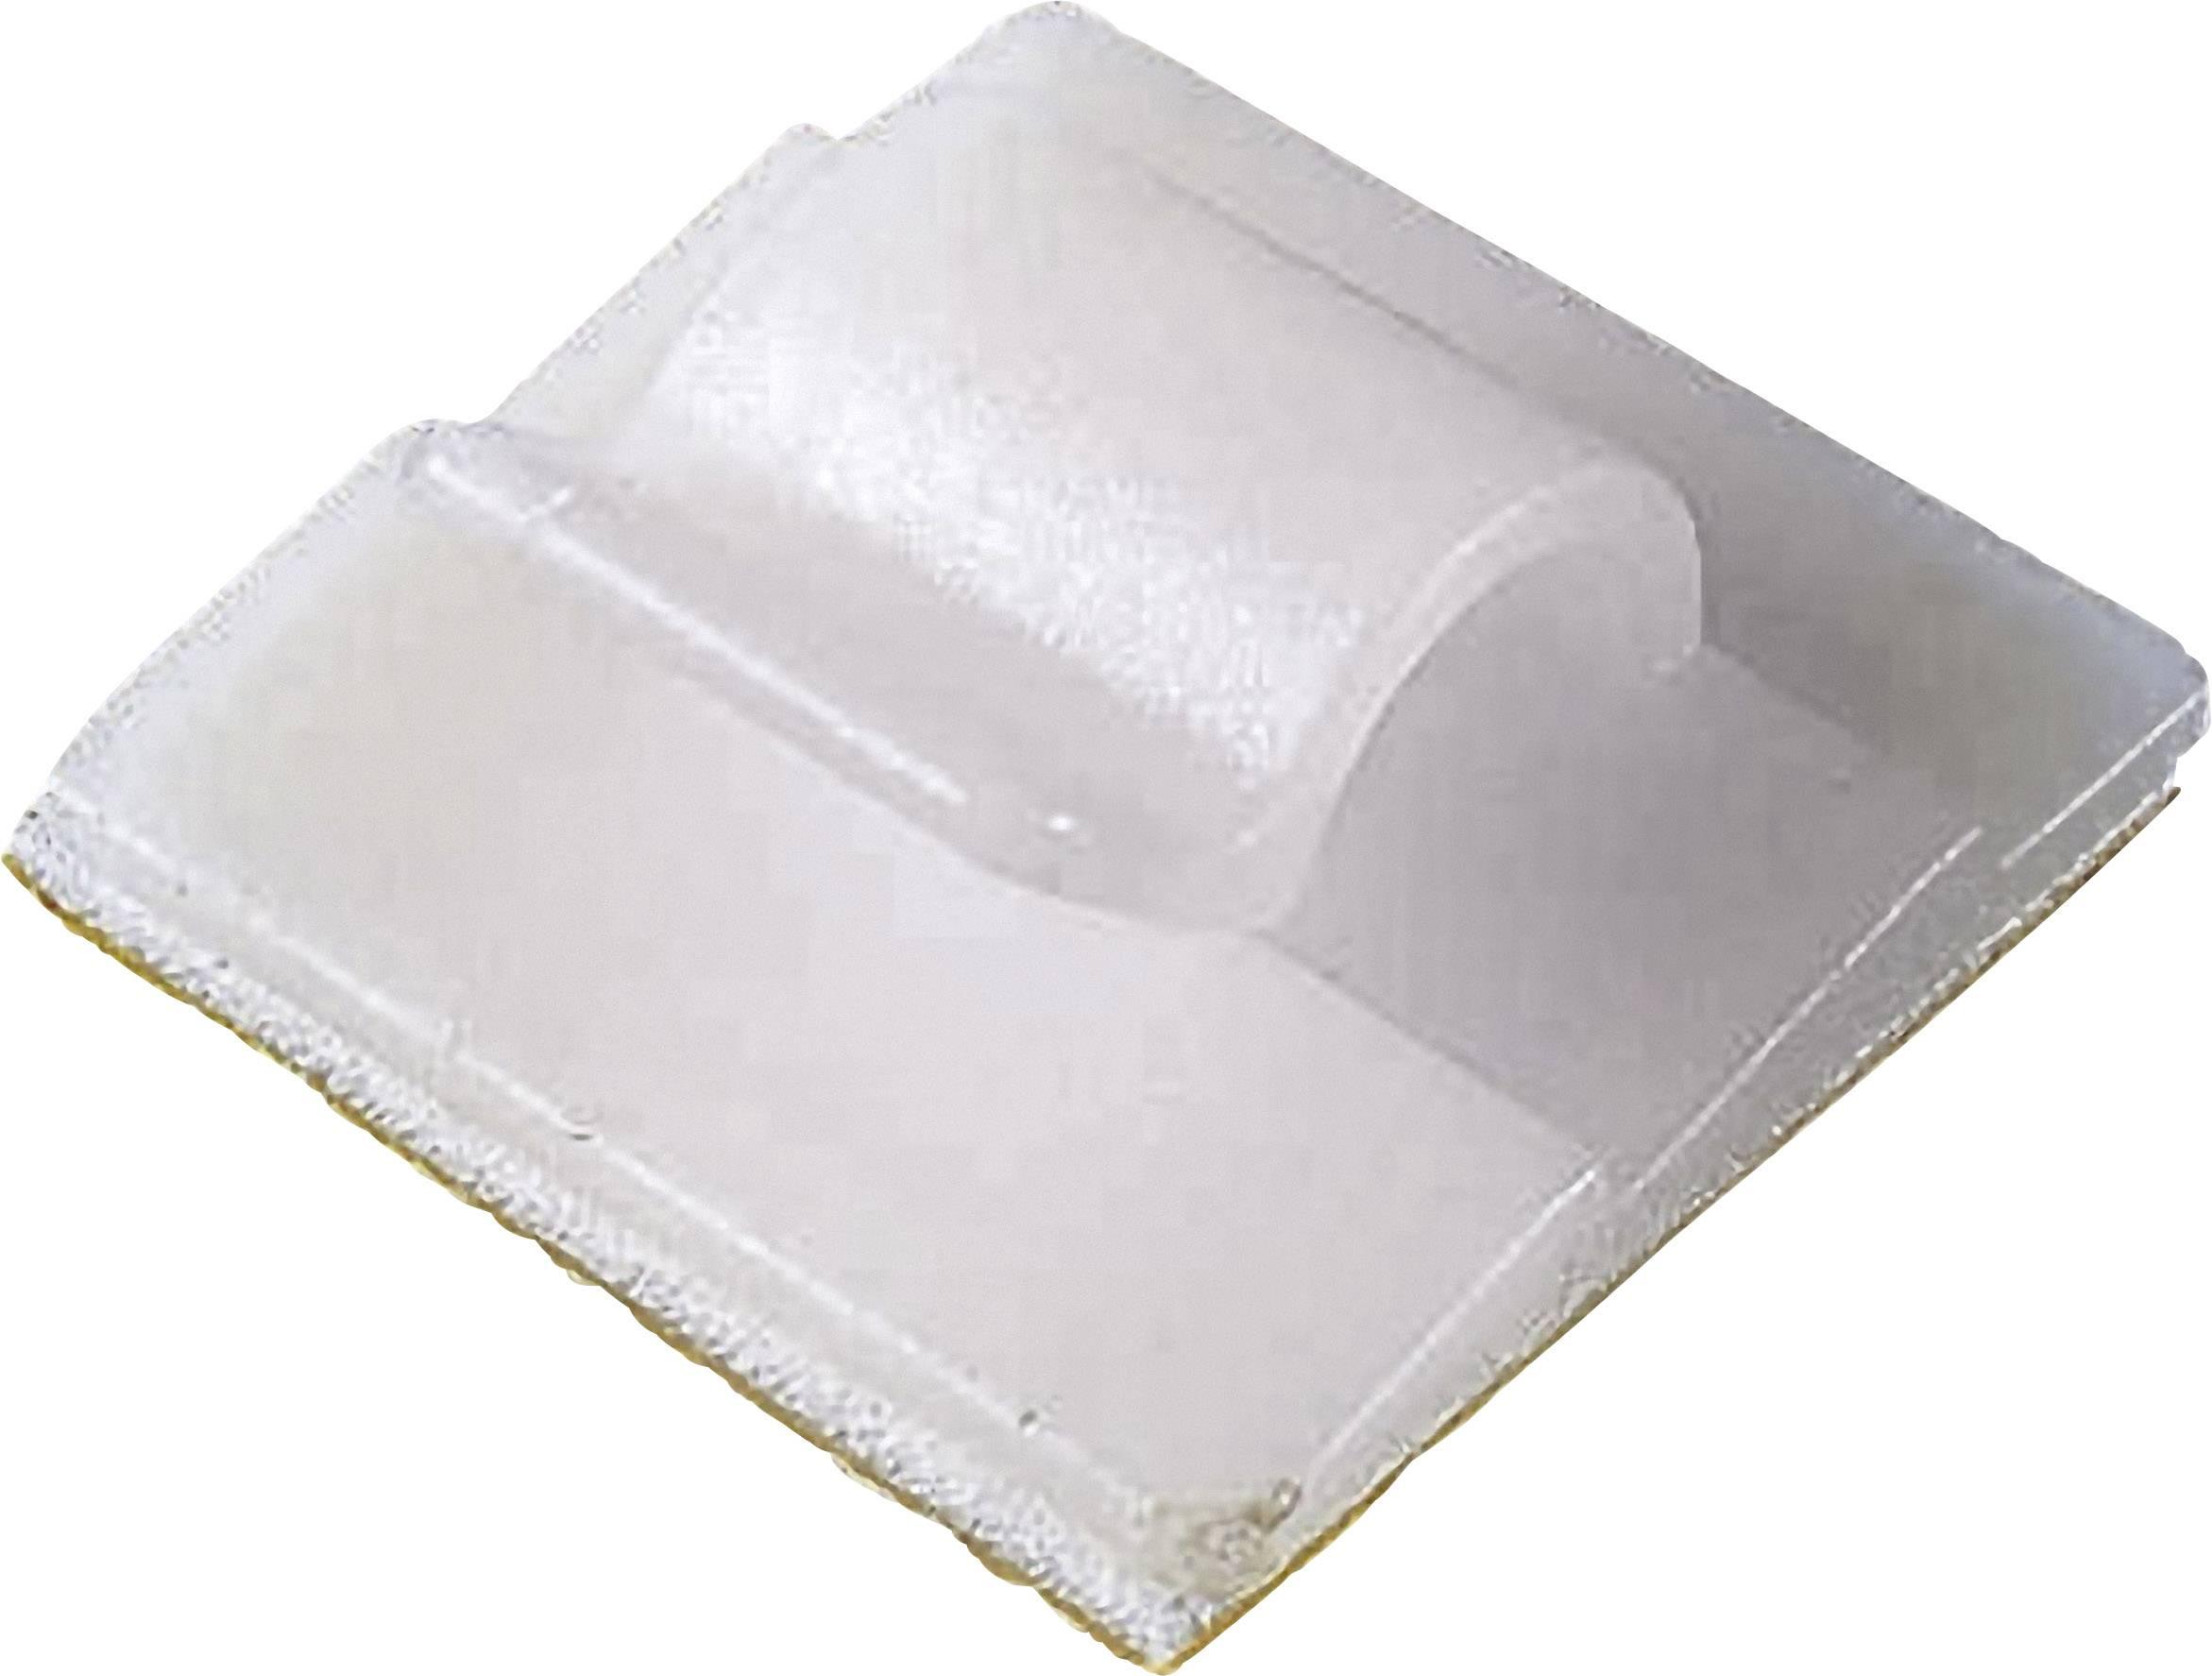 Kabelová spona PB Fastener 5432 5432, samolepicí, 8 mm (max), přírodní, 1 ks